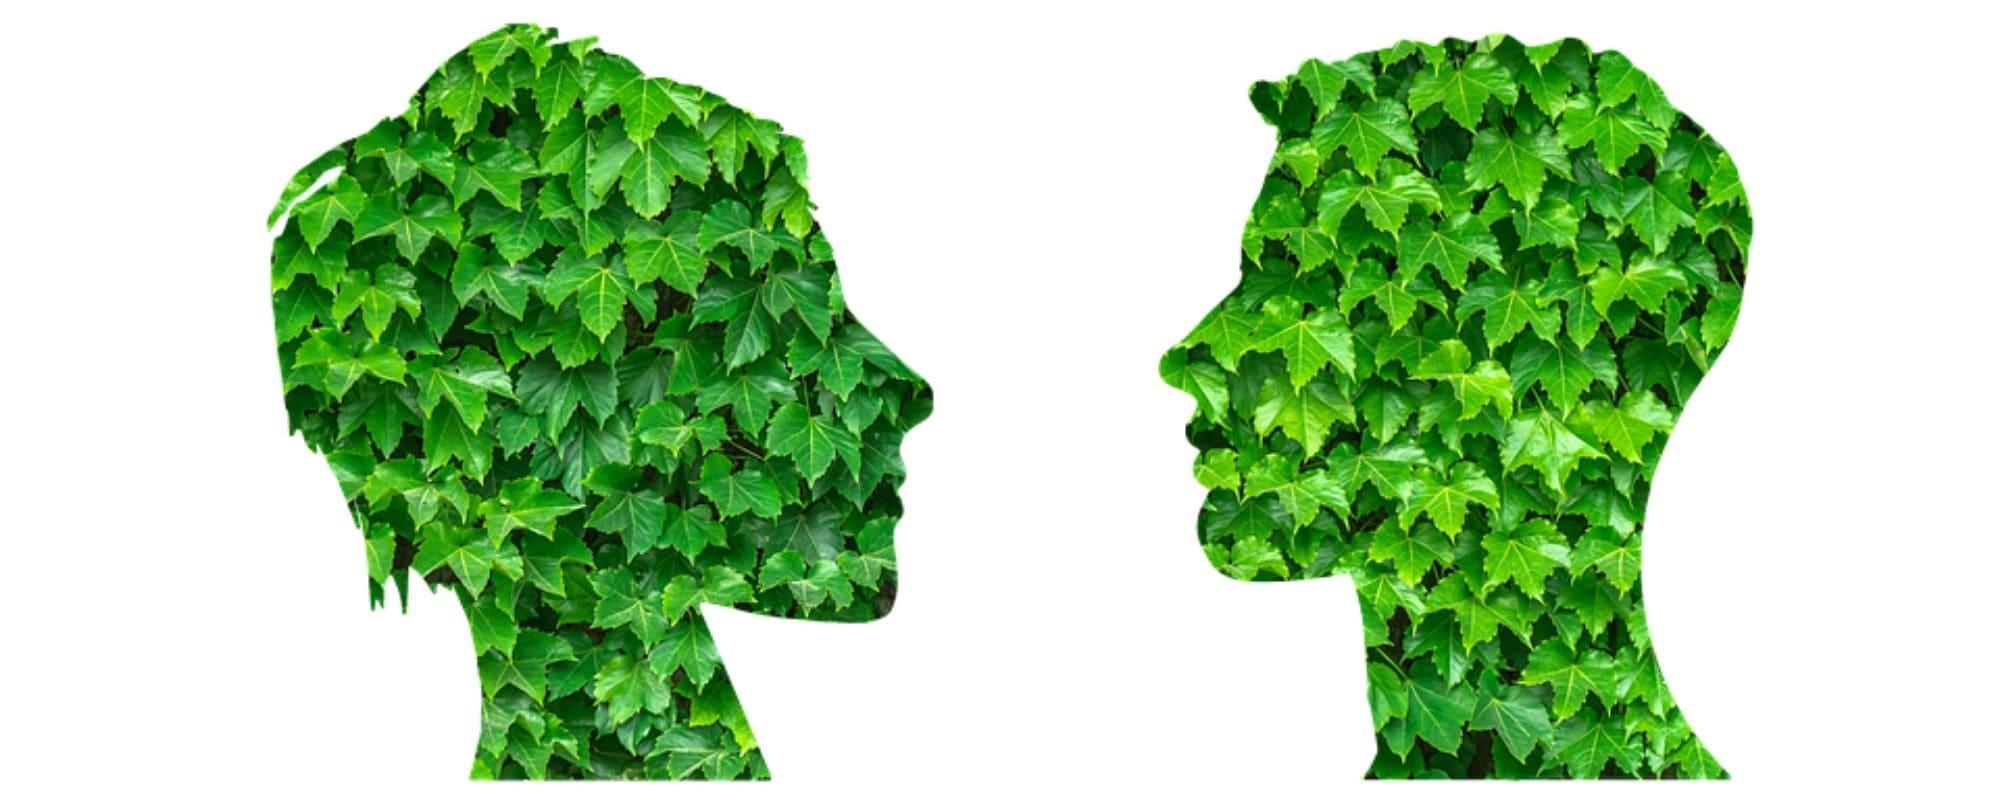 sustainable mindset